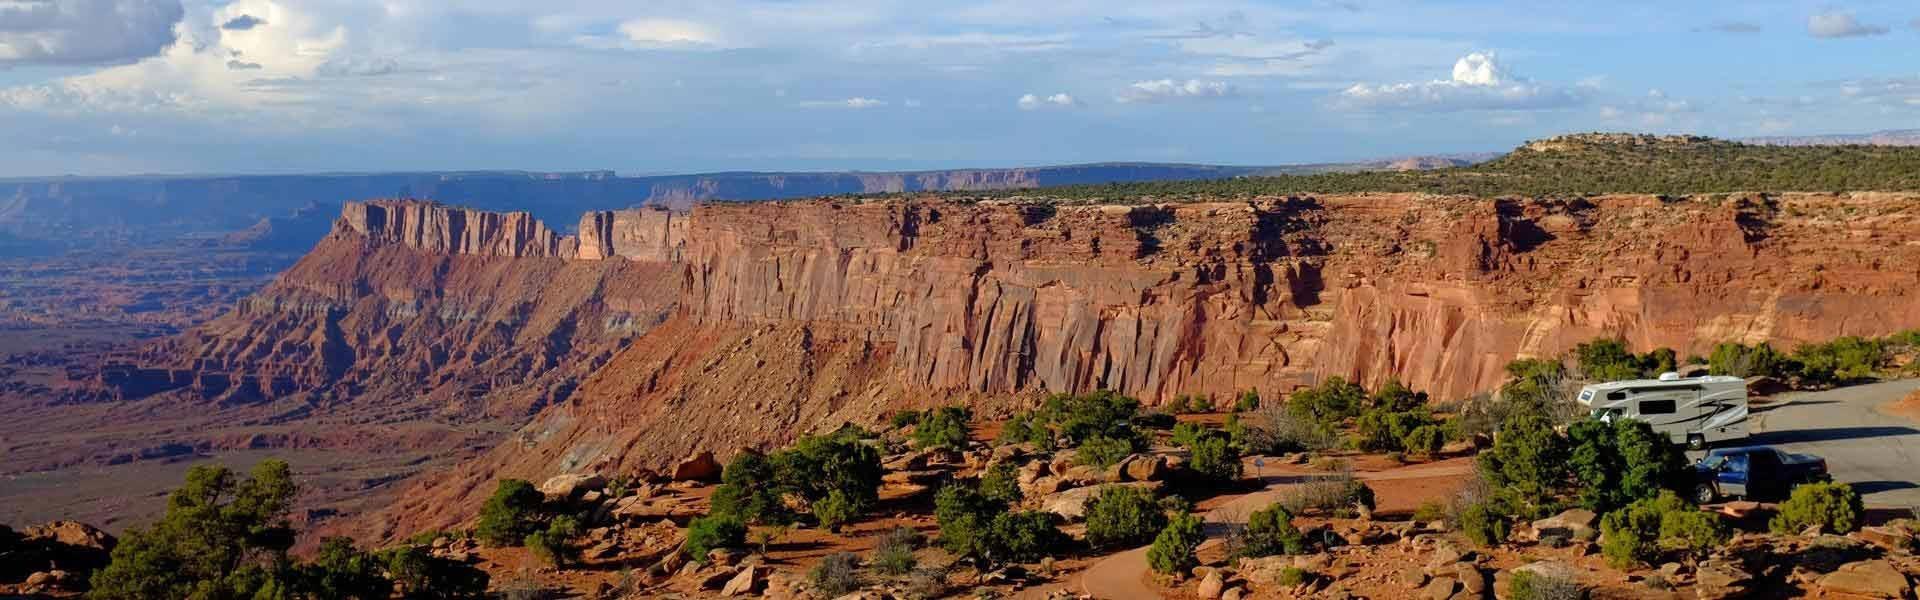 Bezoek de Grand Canyon tijdens een camperreis door Amerika met Victoria CamperHolidays